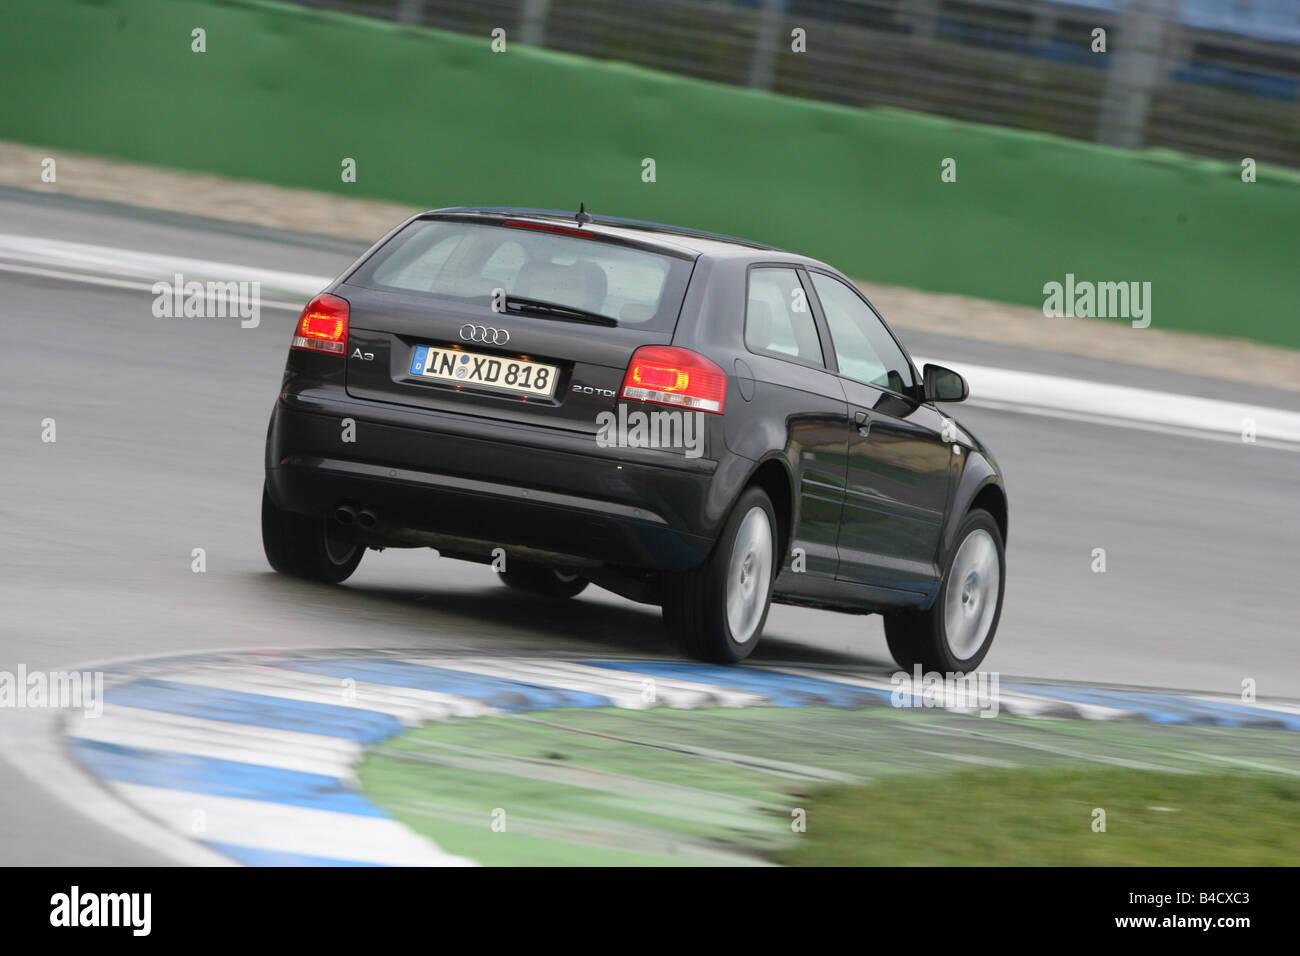 Kelebihan Kekurangan Audi A3 2003 Tangguh